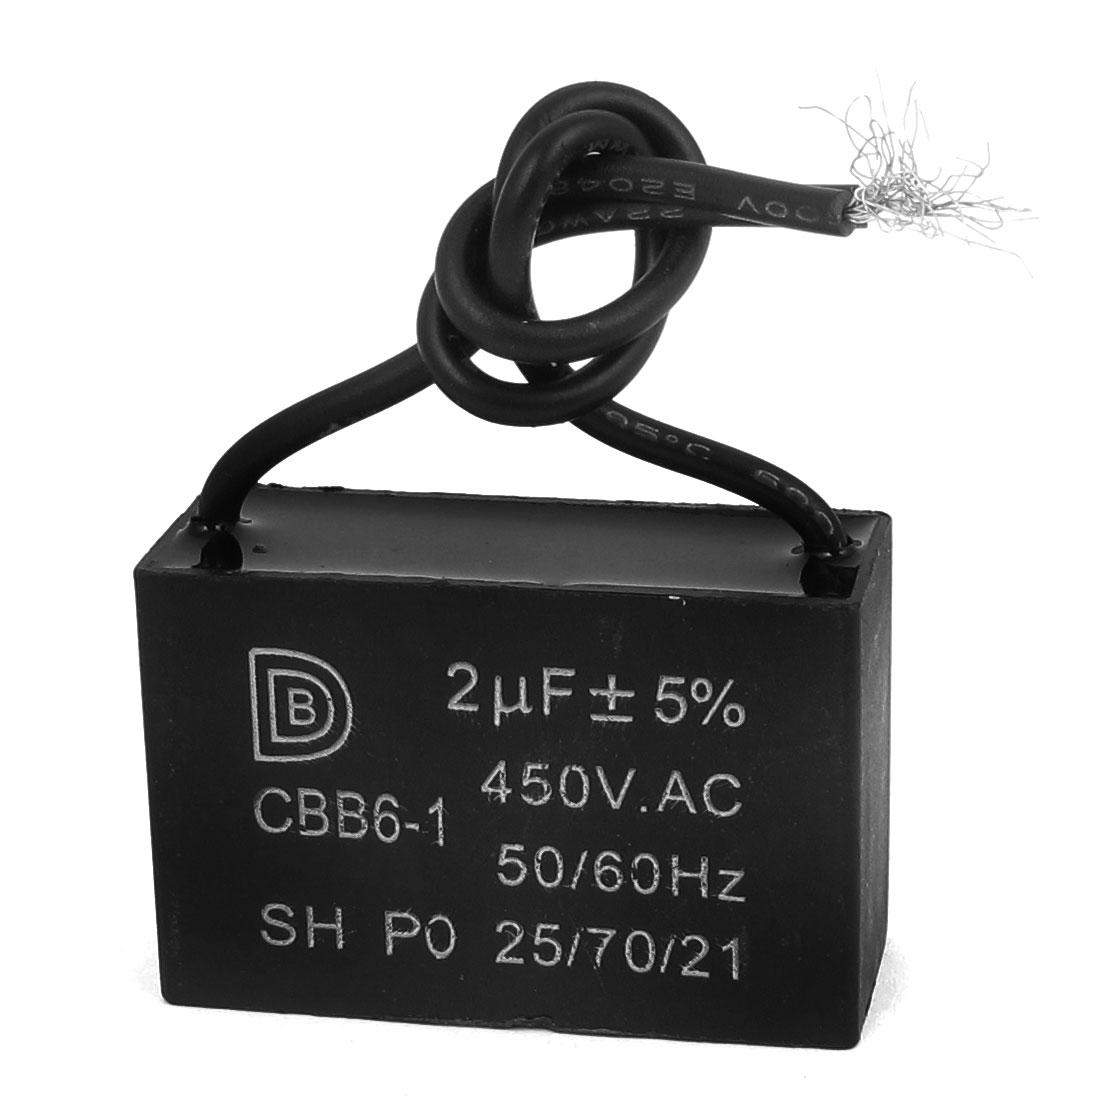 CBB6-1 AC 450V 2uF 5% Tolerance 2-Wire Motor Running Capacitor